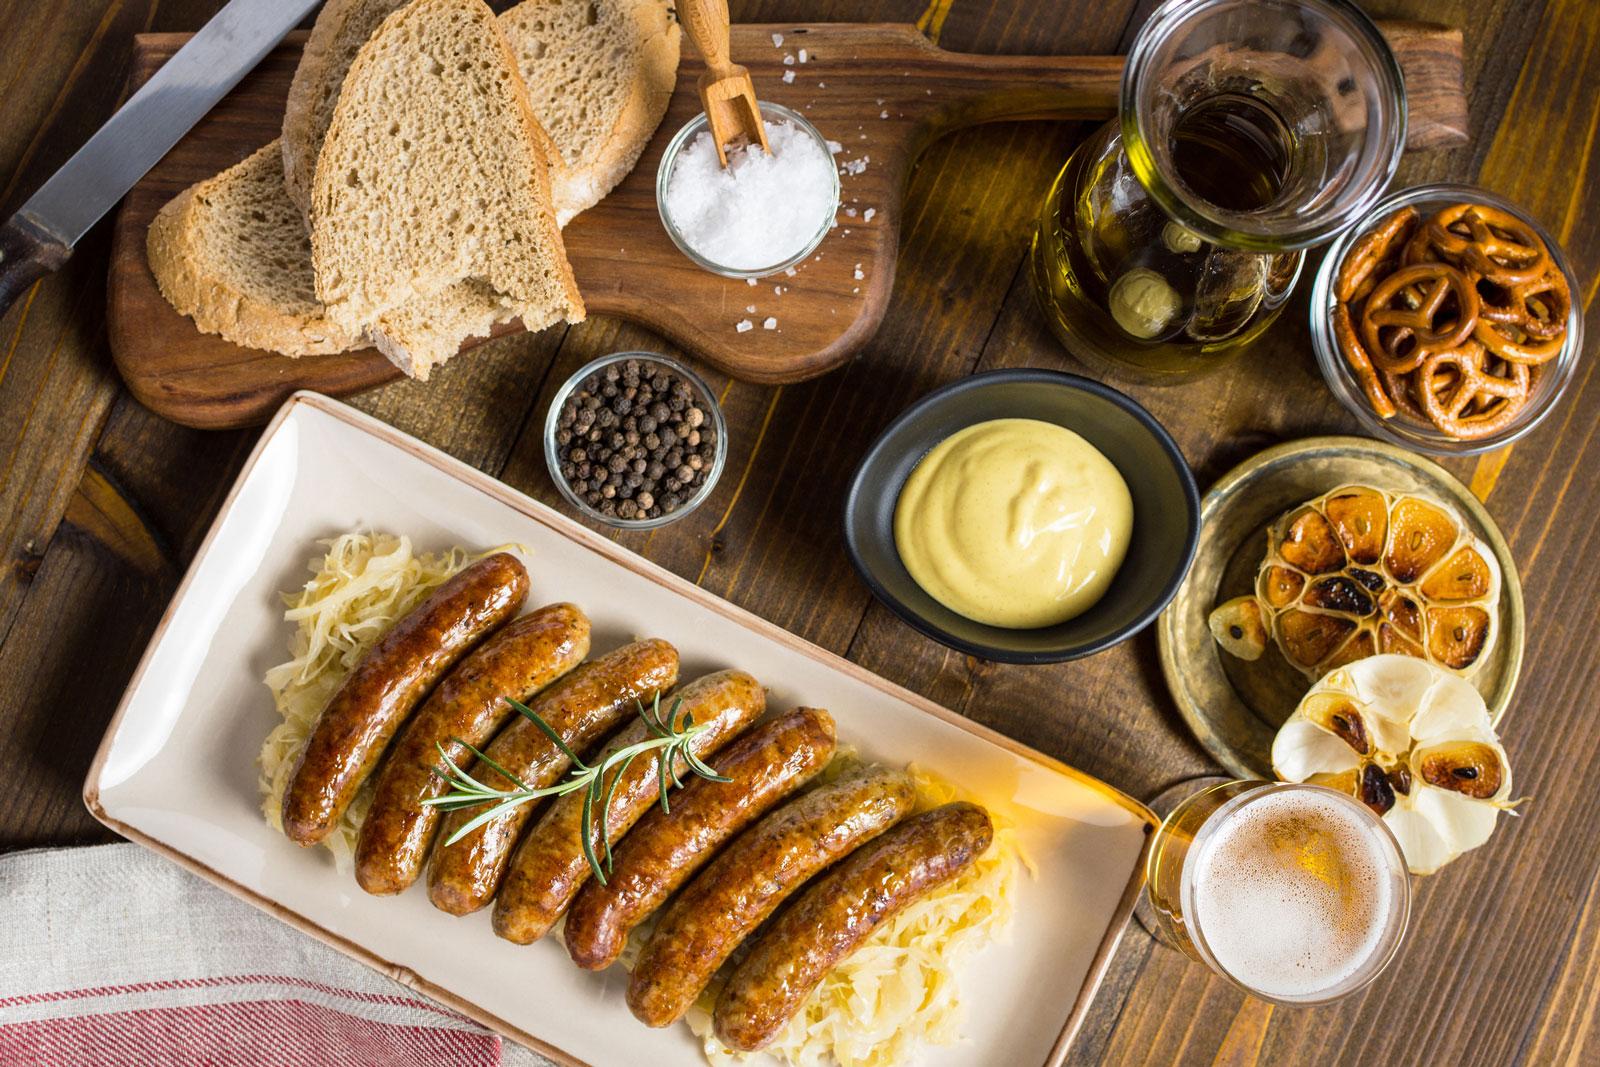 Deftig: Sauerkraut und Würstchen